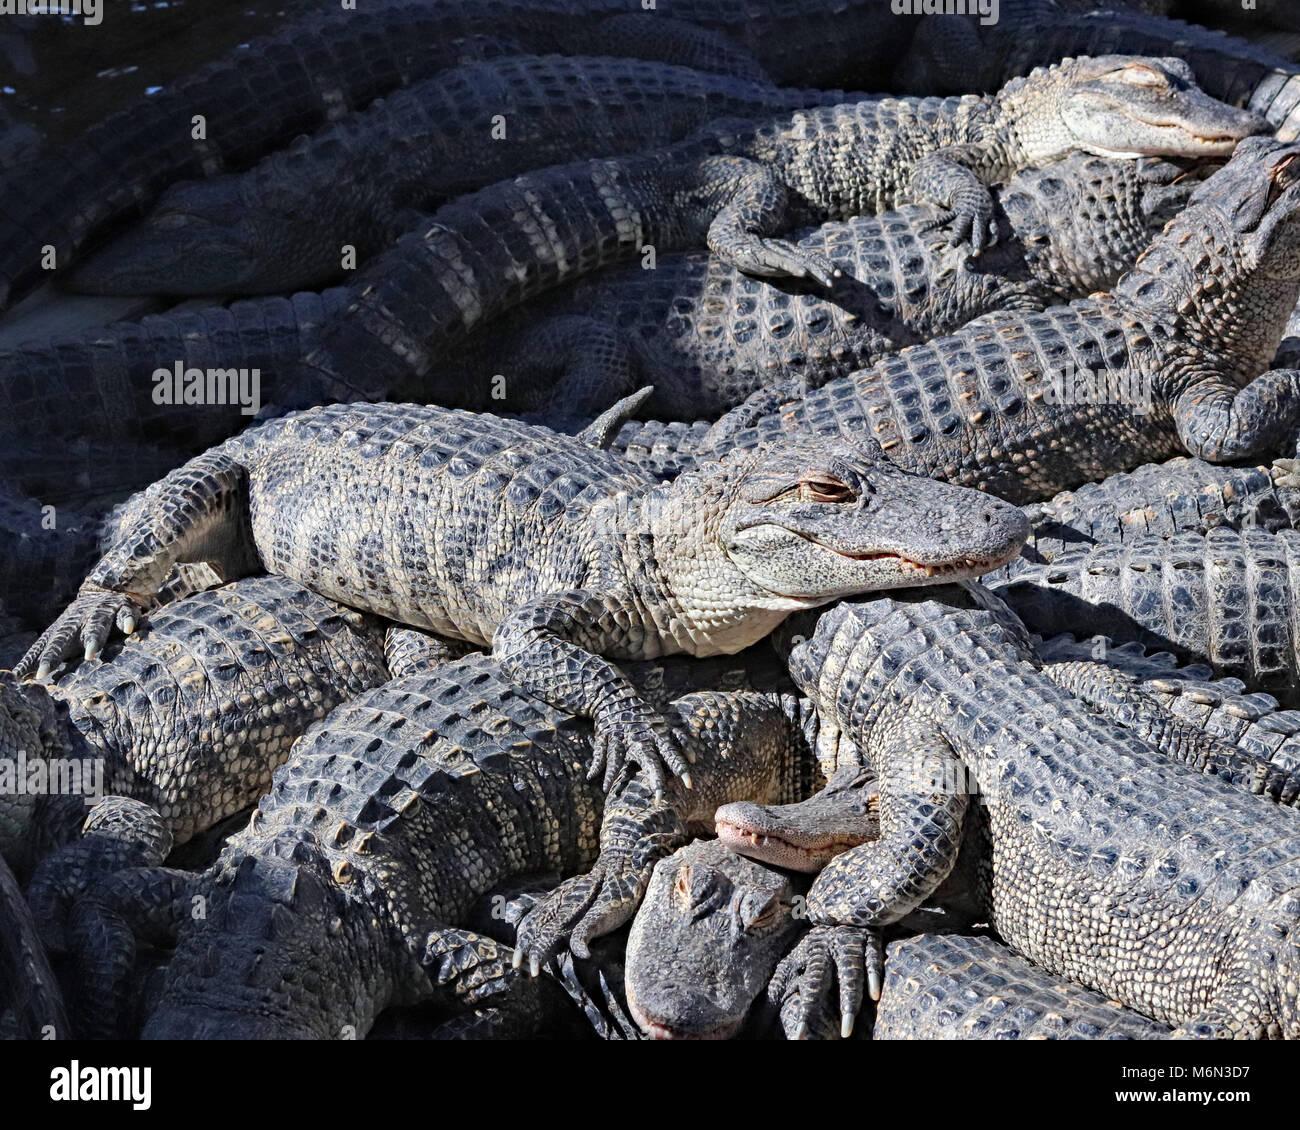 Pile of Alligators sunbathing at Gatorland in Florida - Stock Image